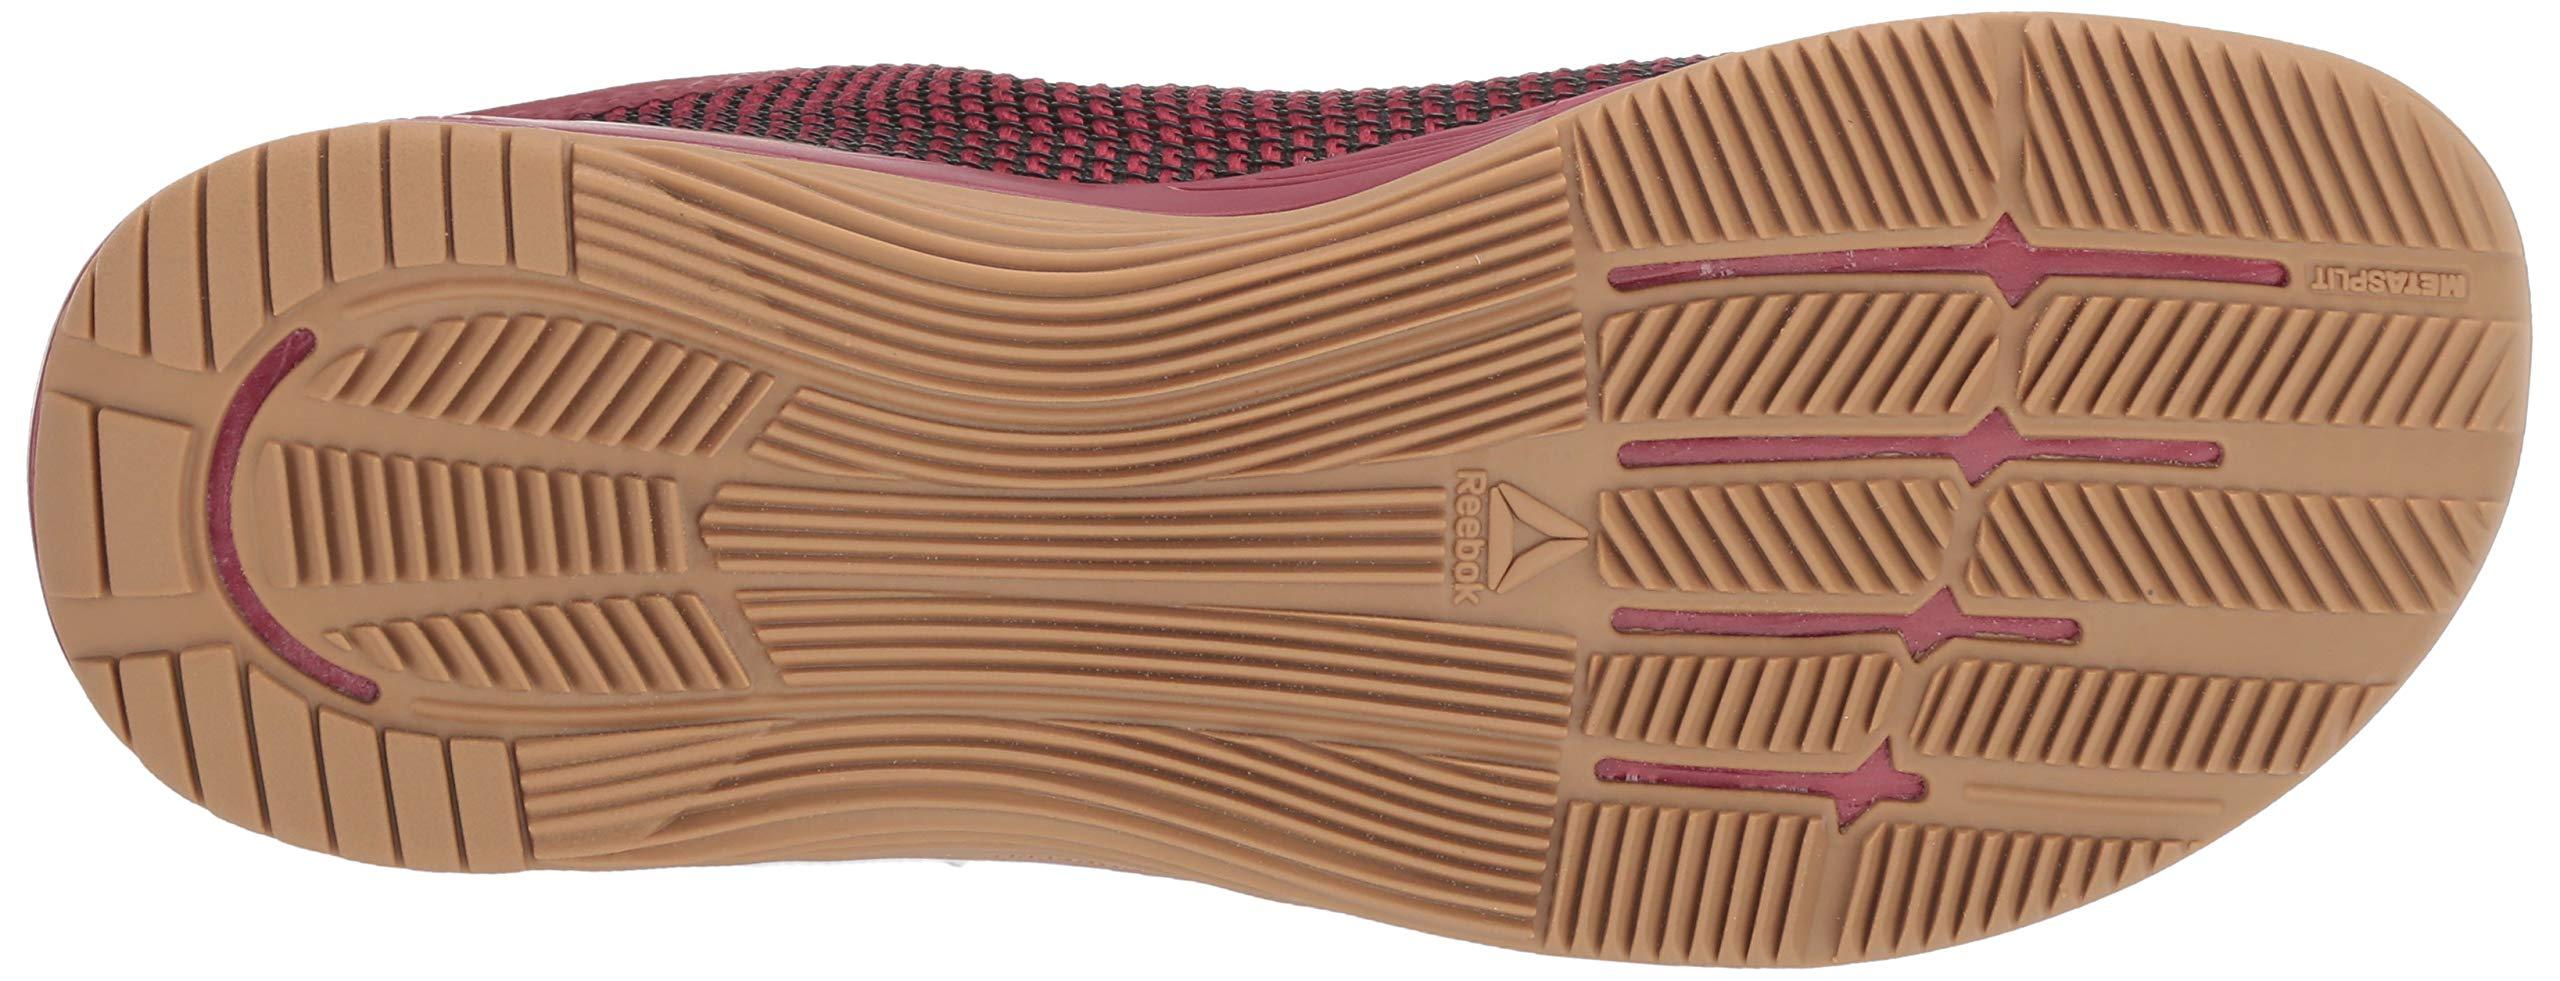 Reebok Women's CROSSFIT Nano 8.0 Flexweave Cross Trainer, Meteor Red/Black/Brass, 5 M US by Reebok (Image #3)